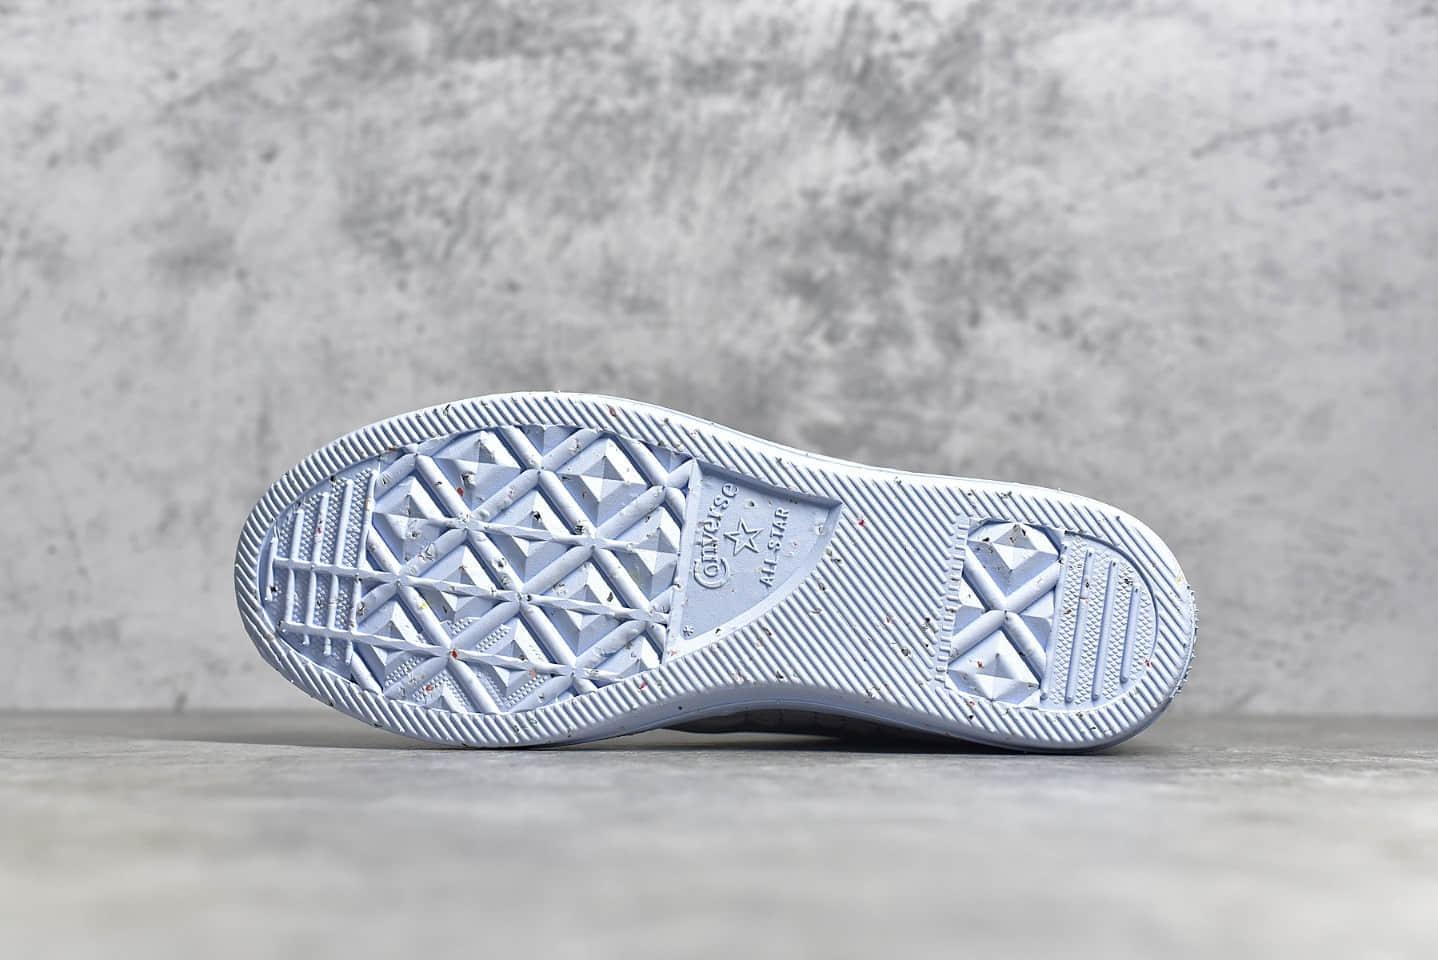 匡威环保鞋高帮板鞋 Converse All Atar Crater 匡威超轻脚感好帆布鞋 货号:168872C-潮流者之家